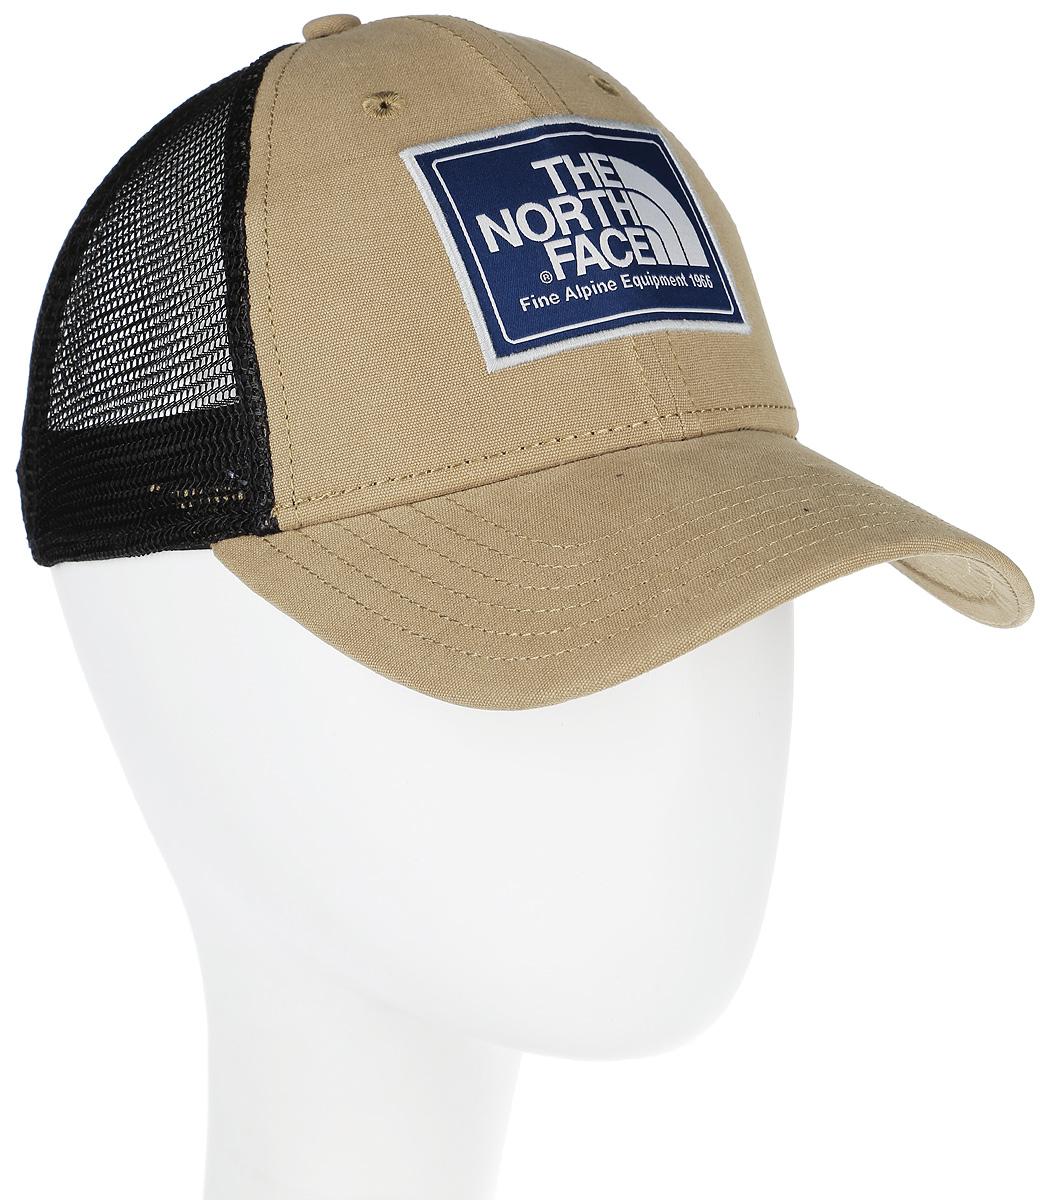 Бейсболка The North Face Mudder Trucker Hat, цвет: хаки, бежевый. T0CGW2SCG. Размер универсальныйT0CGW2SCGСтильная бейсболка The North Face Mudder Trucker Hat, выполненная из натурального хлопка, идеально подойдет для прогулок, занятия спортом и отдыха. Она надежно защитит вас от солнца и ветра. Классическая кепка с сетчатой задней частью станет правильным выбором. Изделие оформлено нашивкой с логотипом бренда. Объем бейсболки регулируется пластиковым фиксатором.Ничто не говорит о настоящем любителе путешествий больше, чем любимая кепка - такая как эта классическая кепка Mudder Trucker Hat, выполненная в состаренном винтажном стиле. Эта модель станет отличным аксессуаром и дополнит ваш повседневный образ.